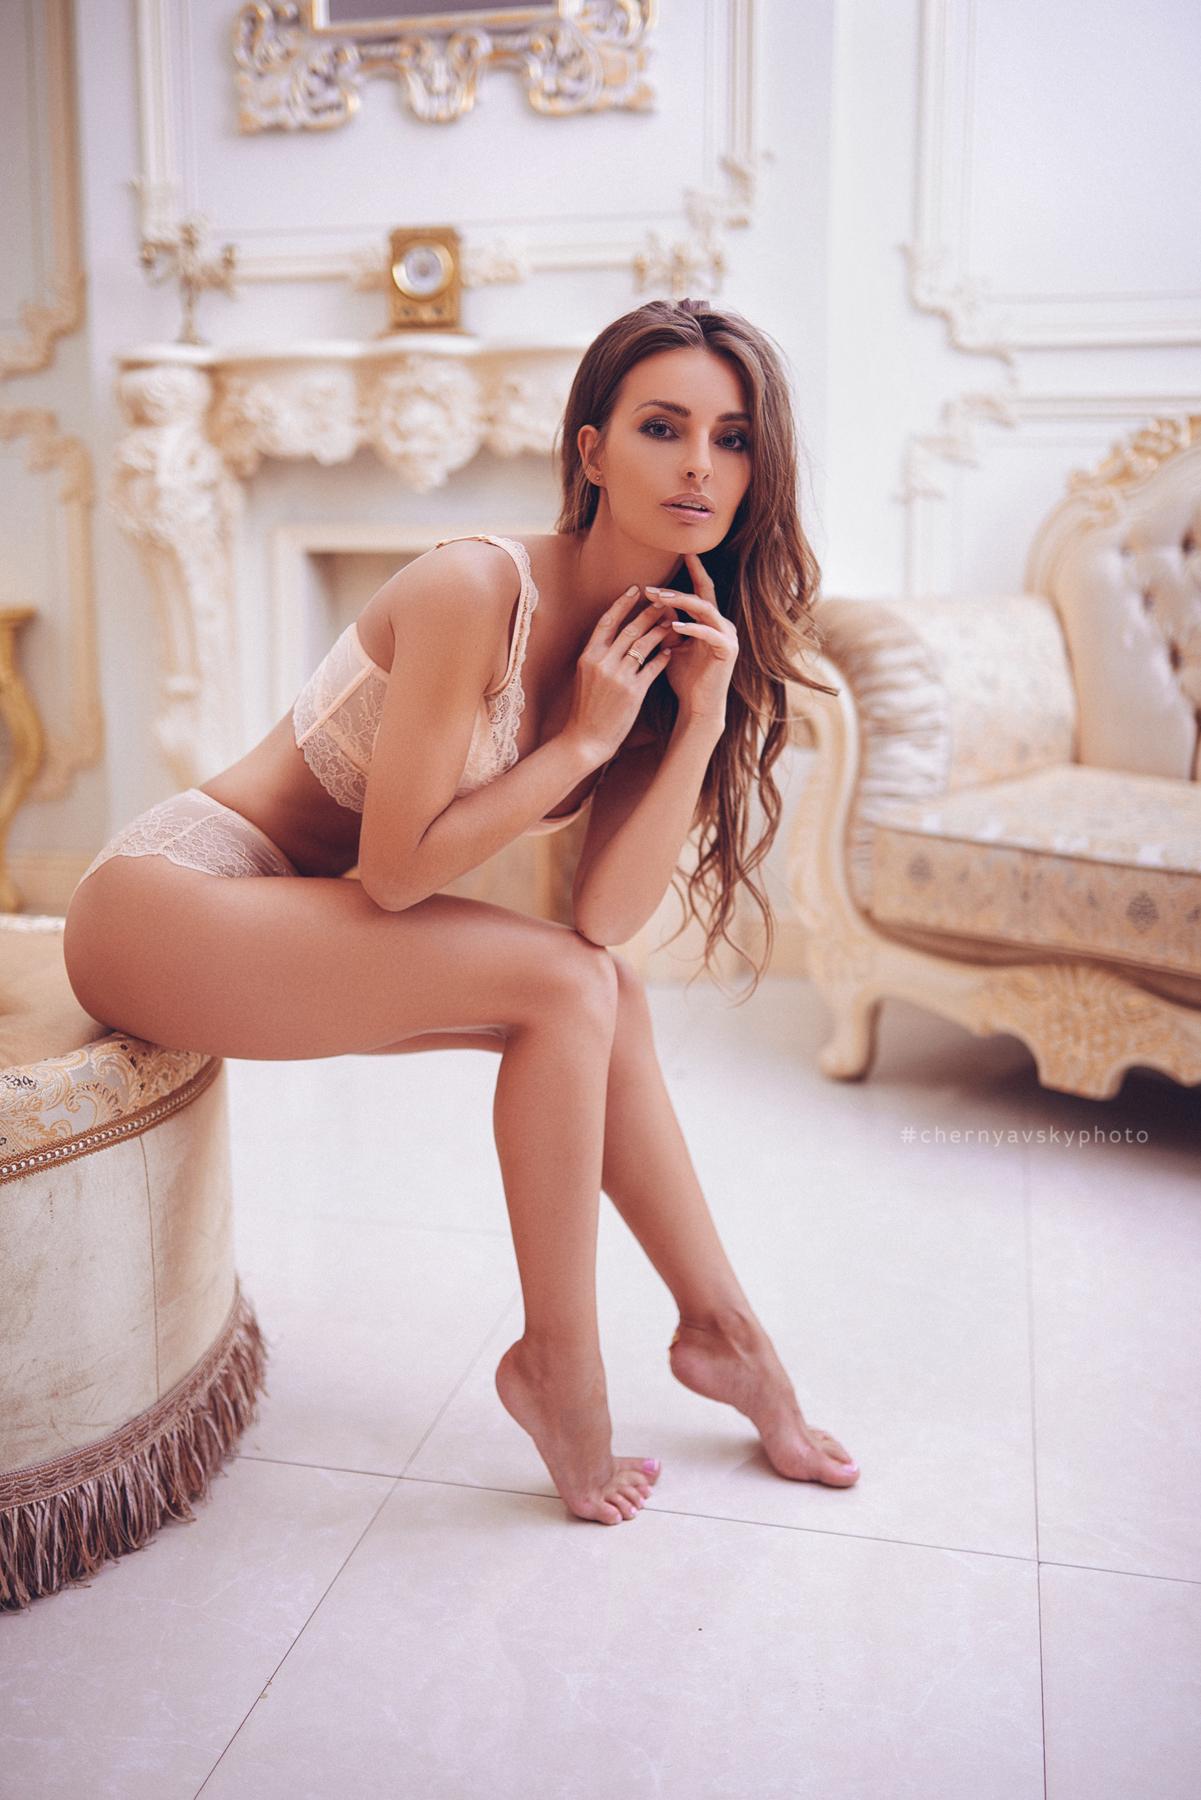 Началось голосование за «Девушку года Playboy 2018», в котором участвует читинка